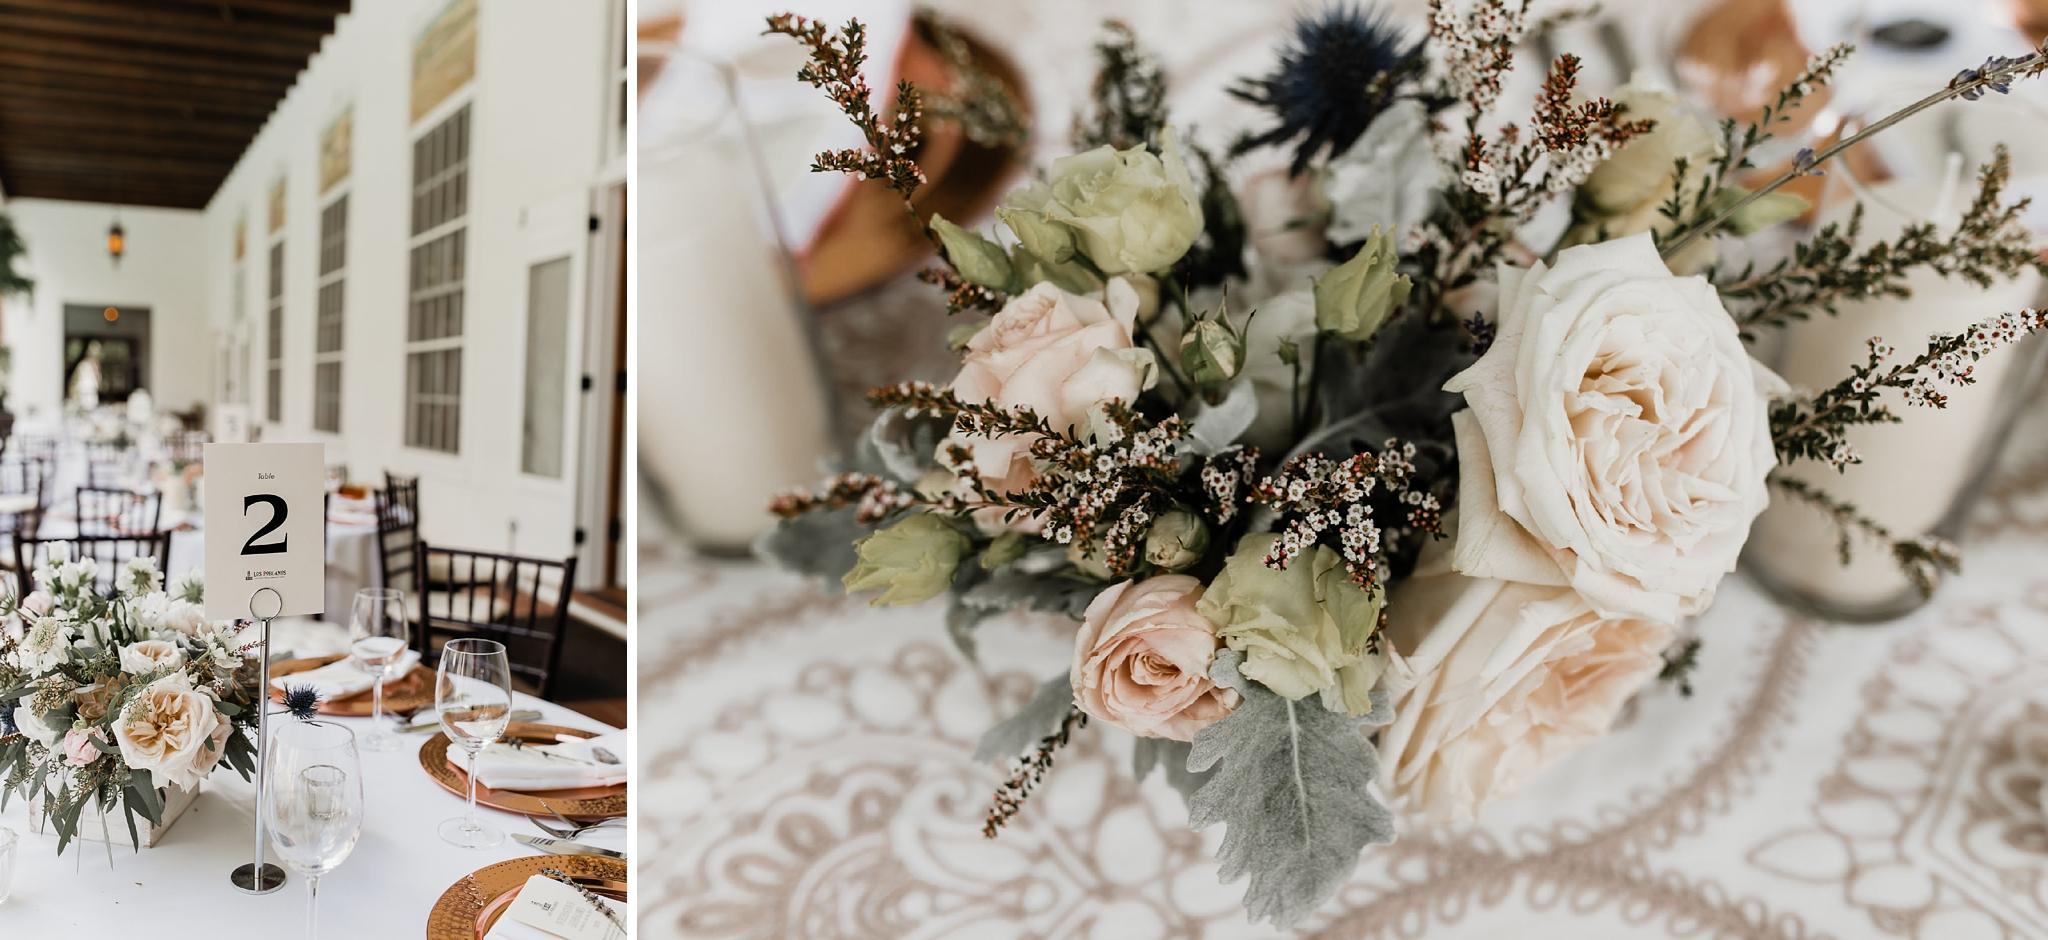 Alicia+lucia+photography+-+albuquerque+wedding+photographer+-+santa+fe+wedding+photography+-+new+mexico+wedding+photographer+-+new+mexico+wedding+-+summer+wedding+-+summer+wedding+florals+-+southwest+wedding_0064.jpg